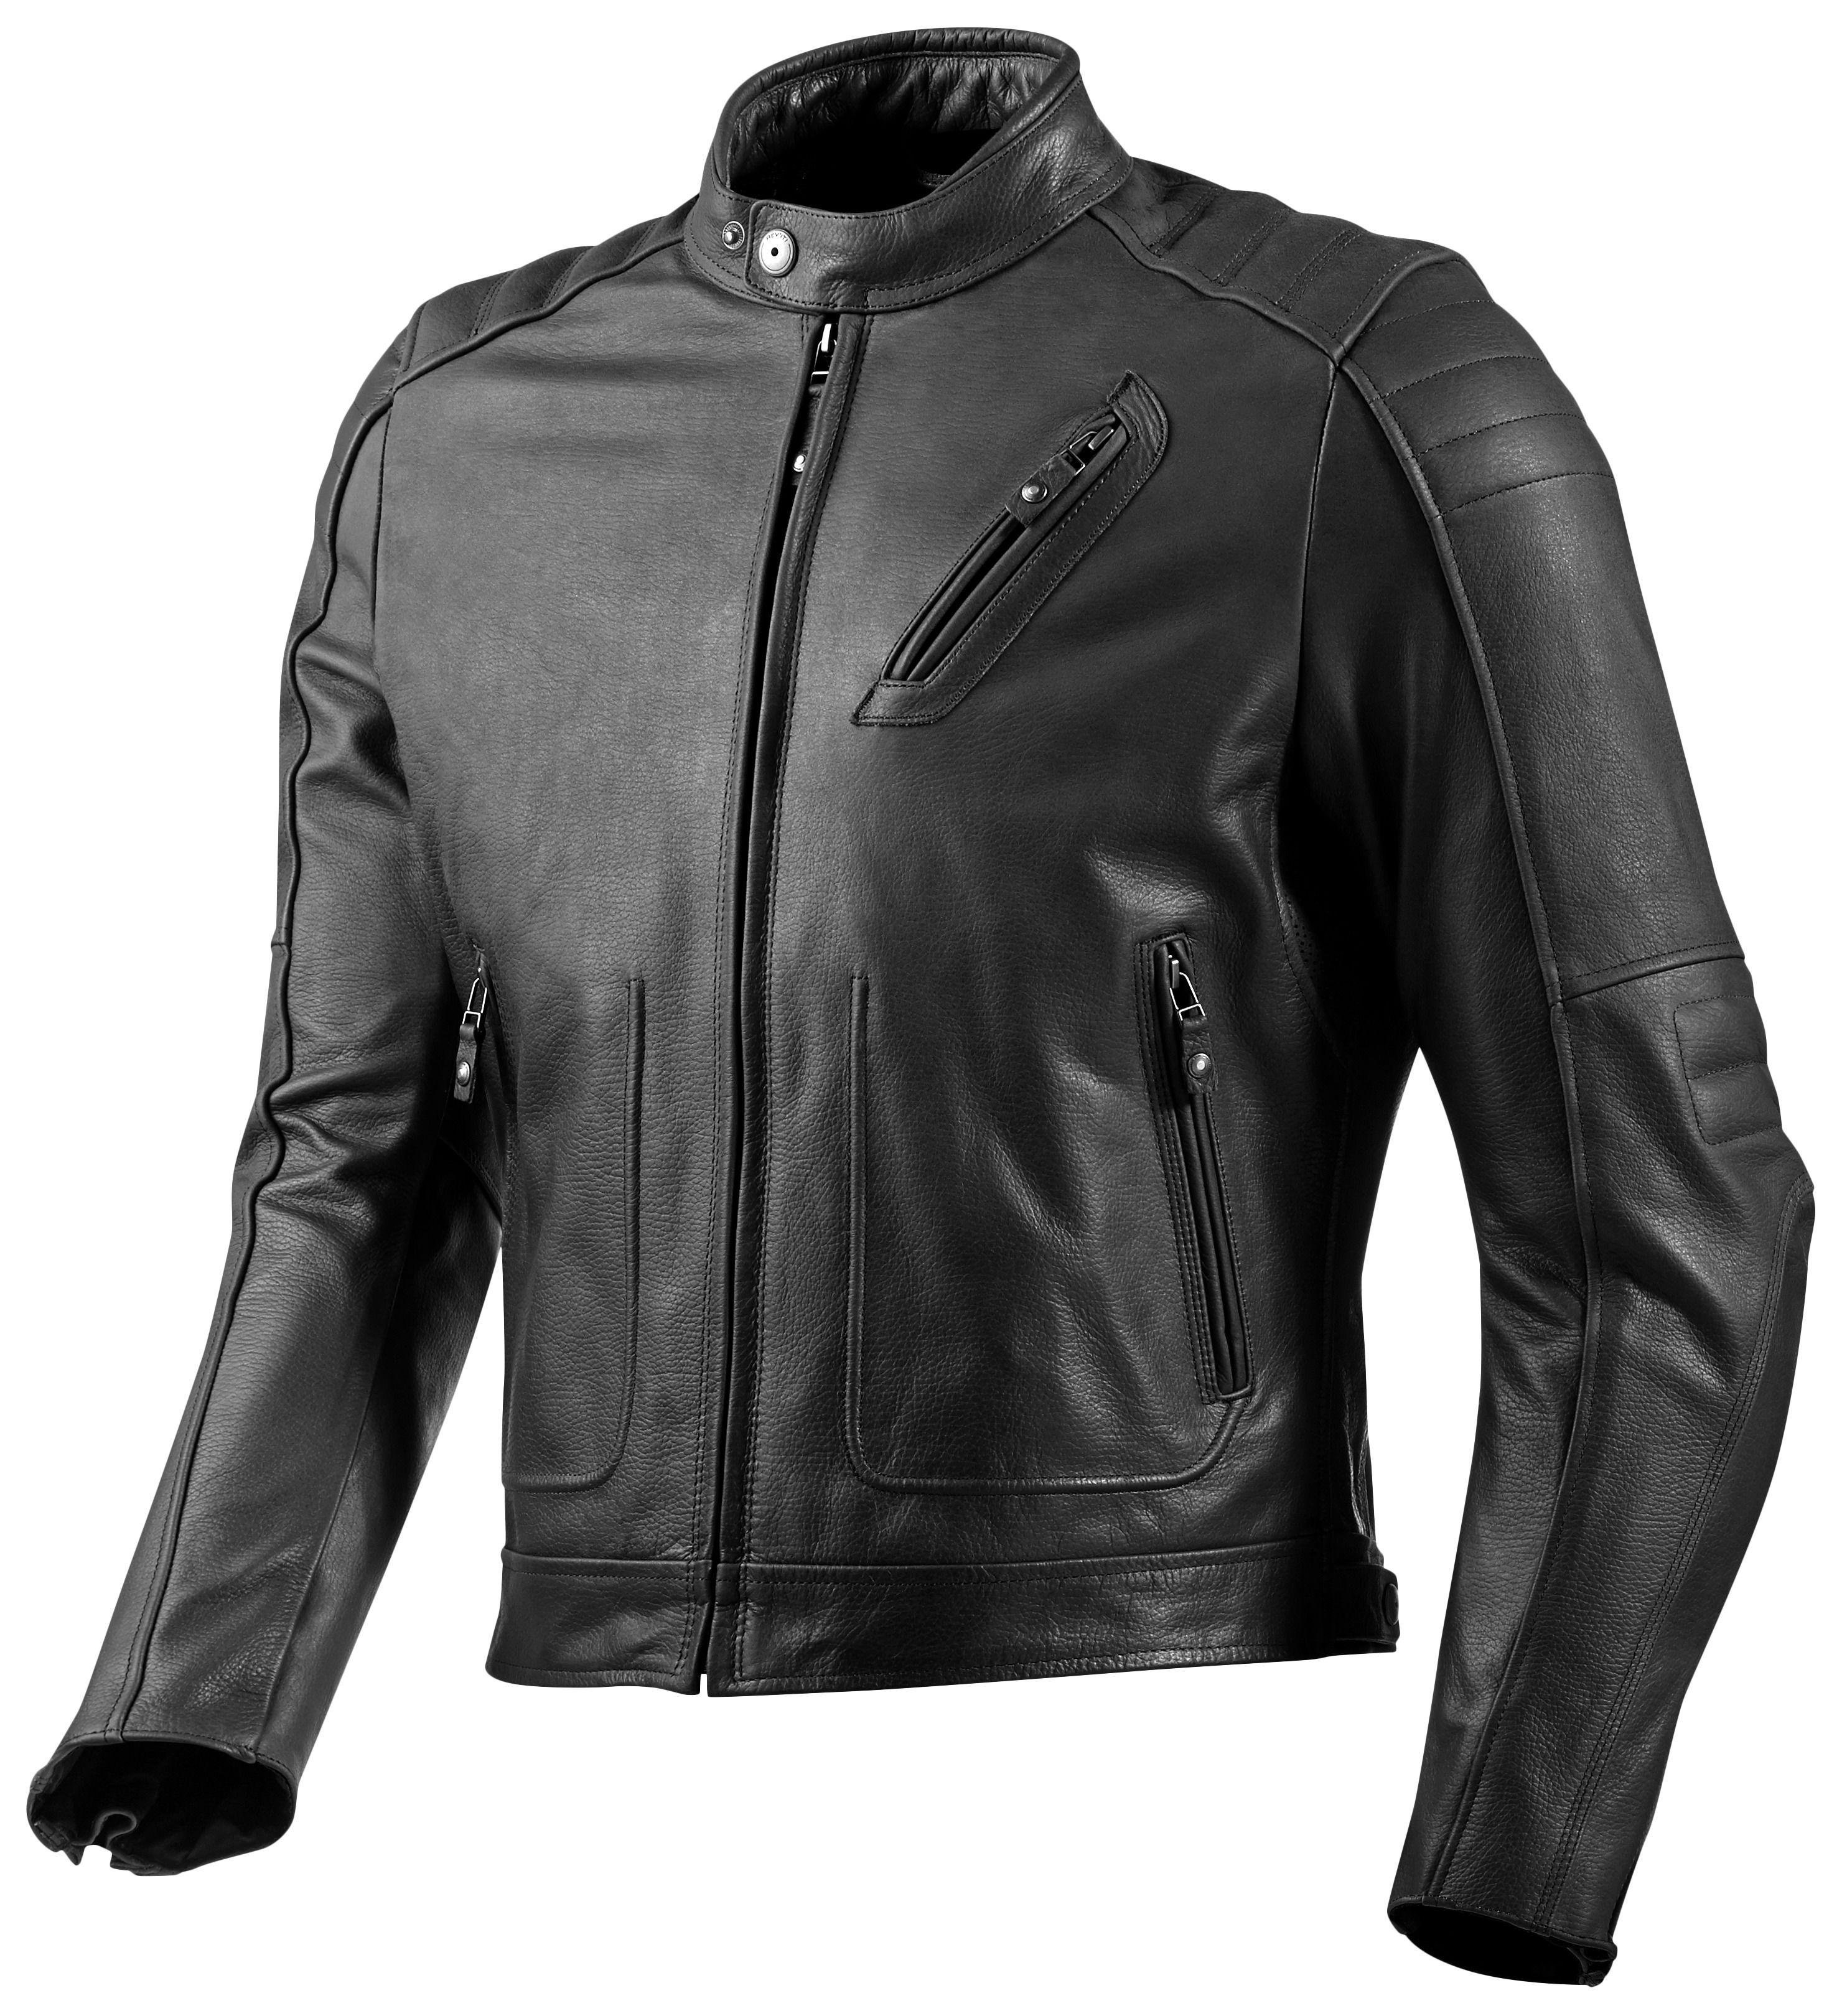 Leather jacket india - Red Hook Leather Jacket Revzilla